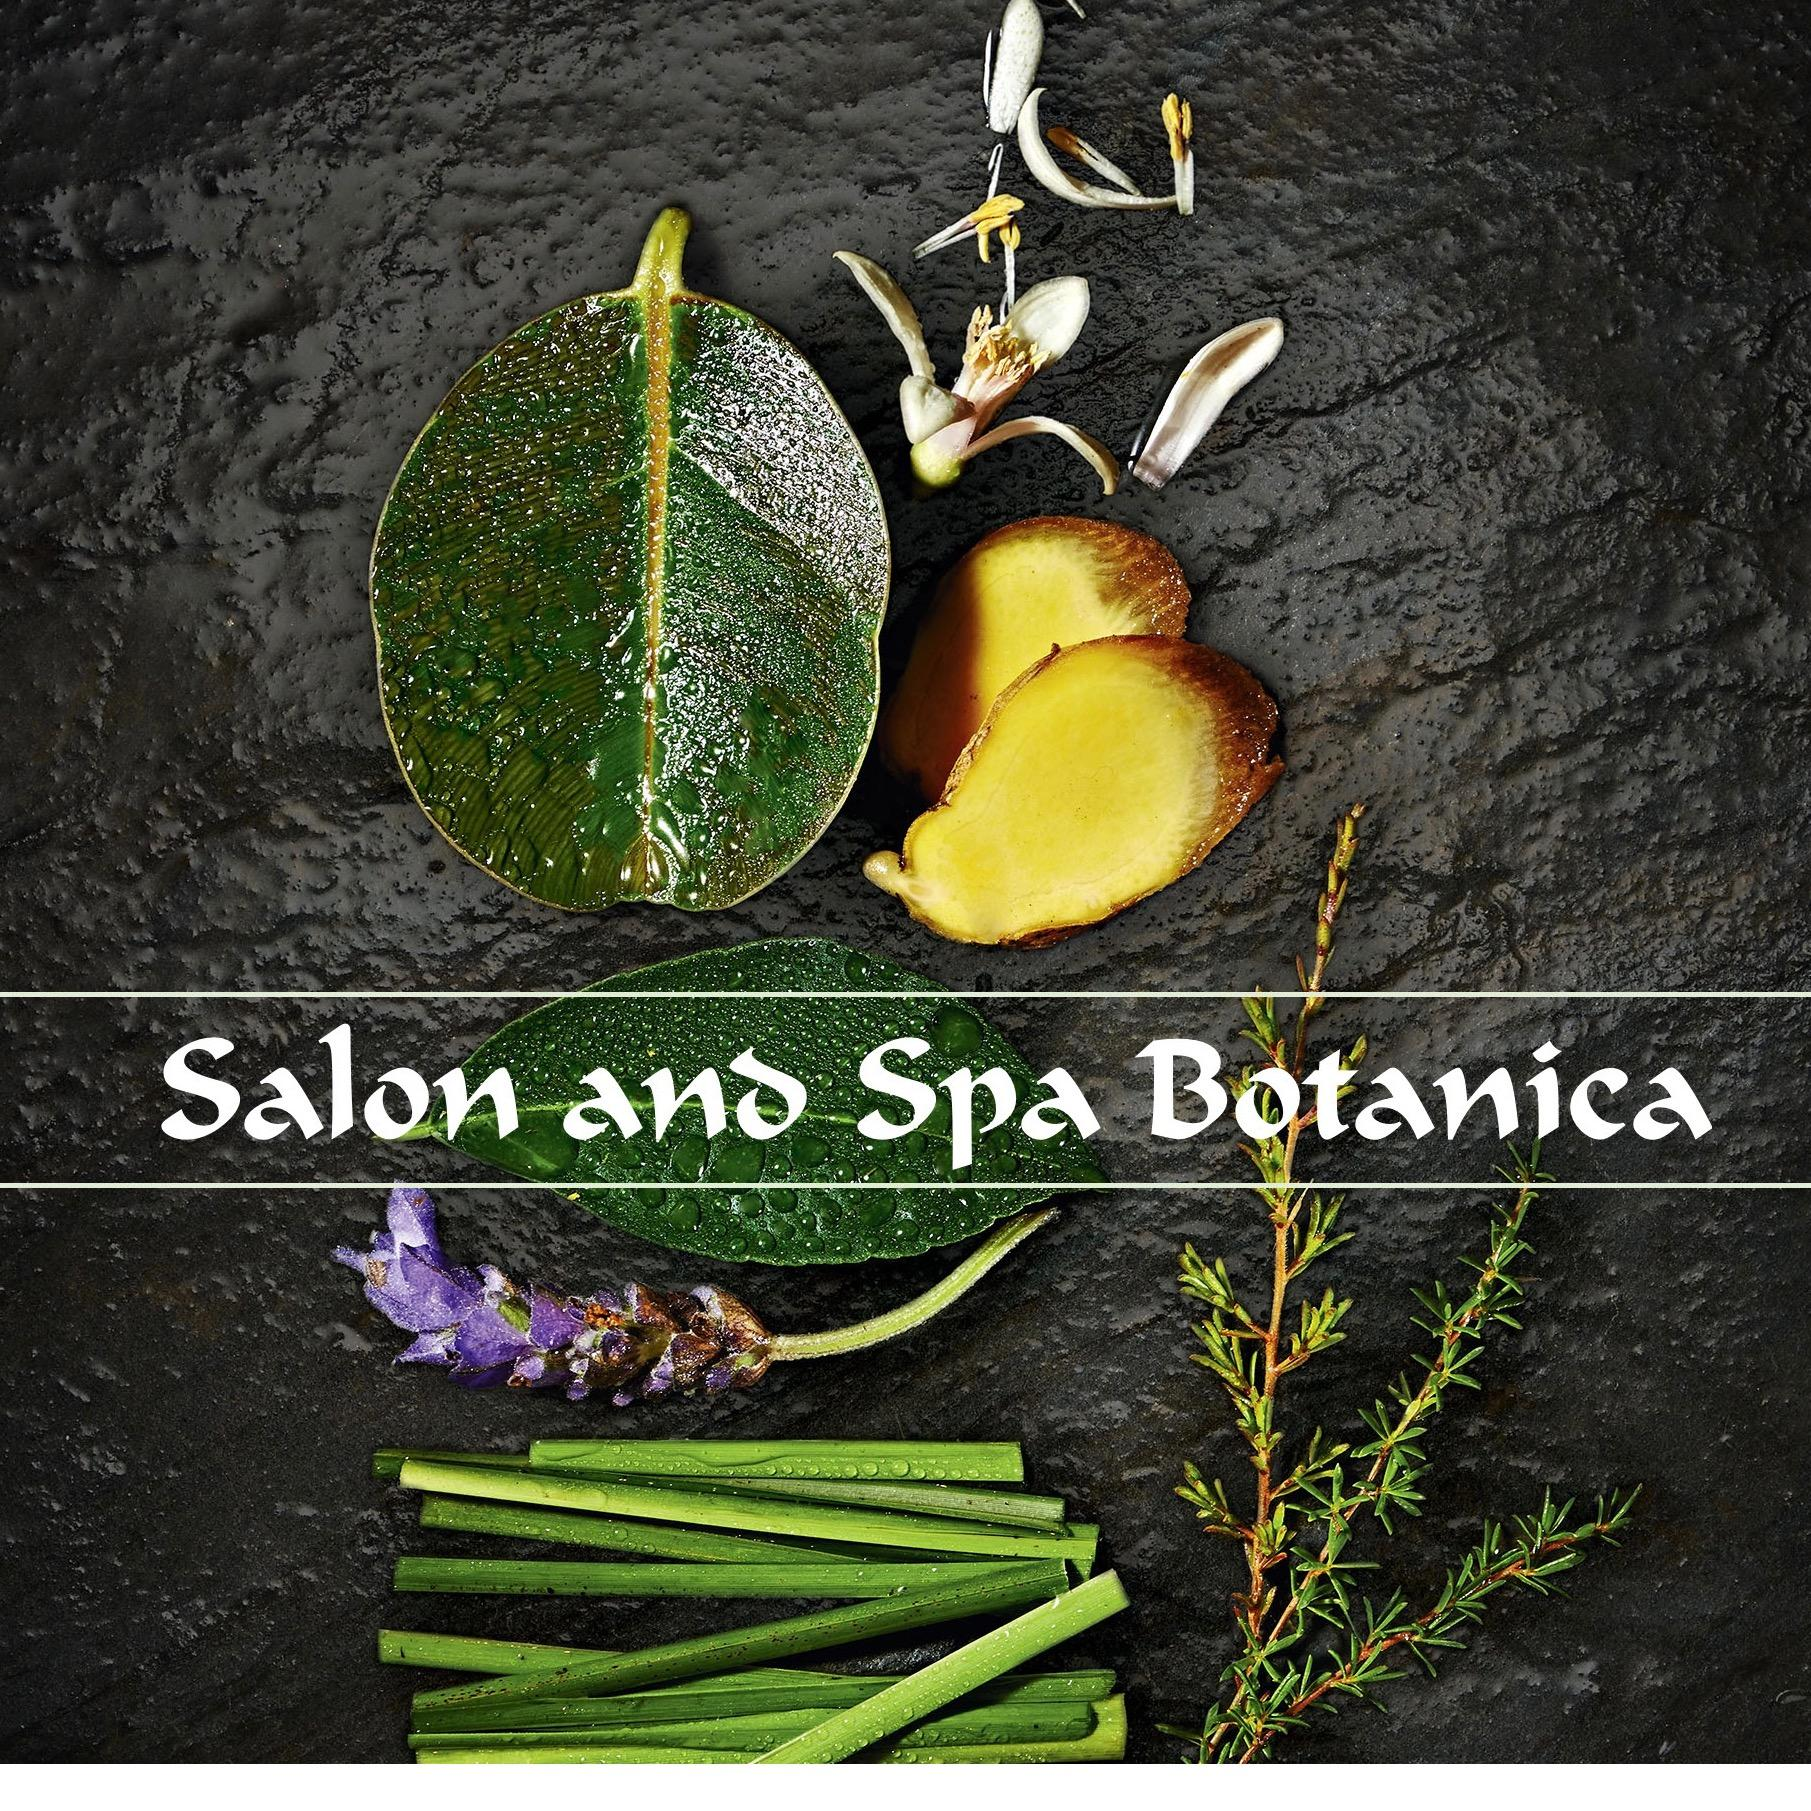 Salon and Spa Botanica